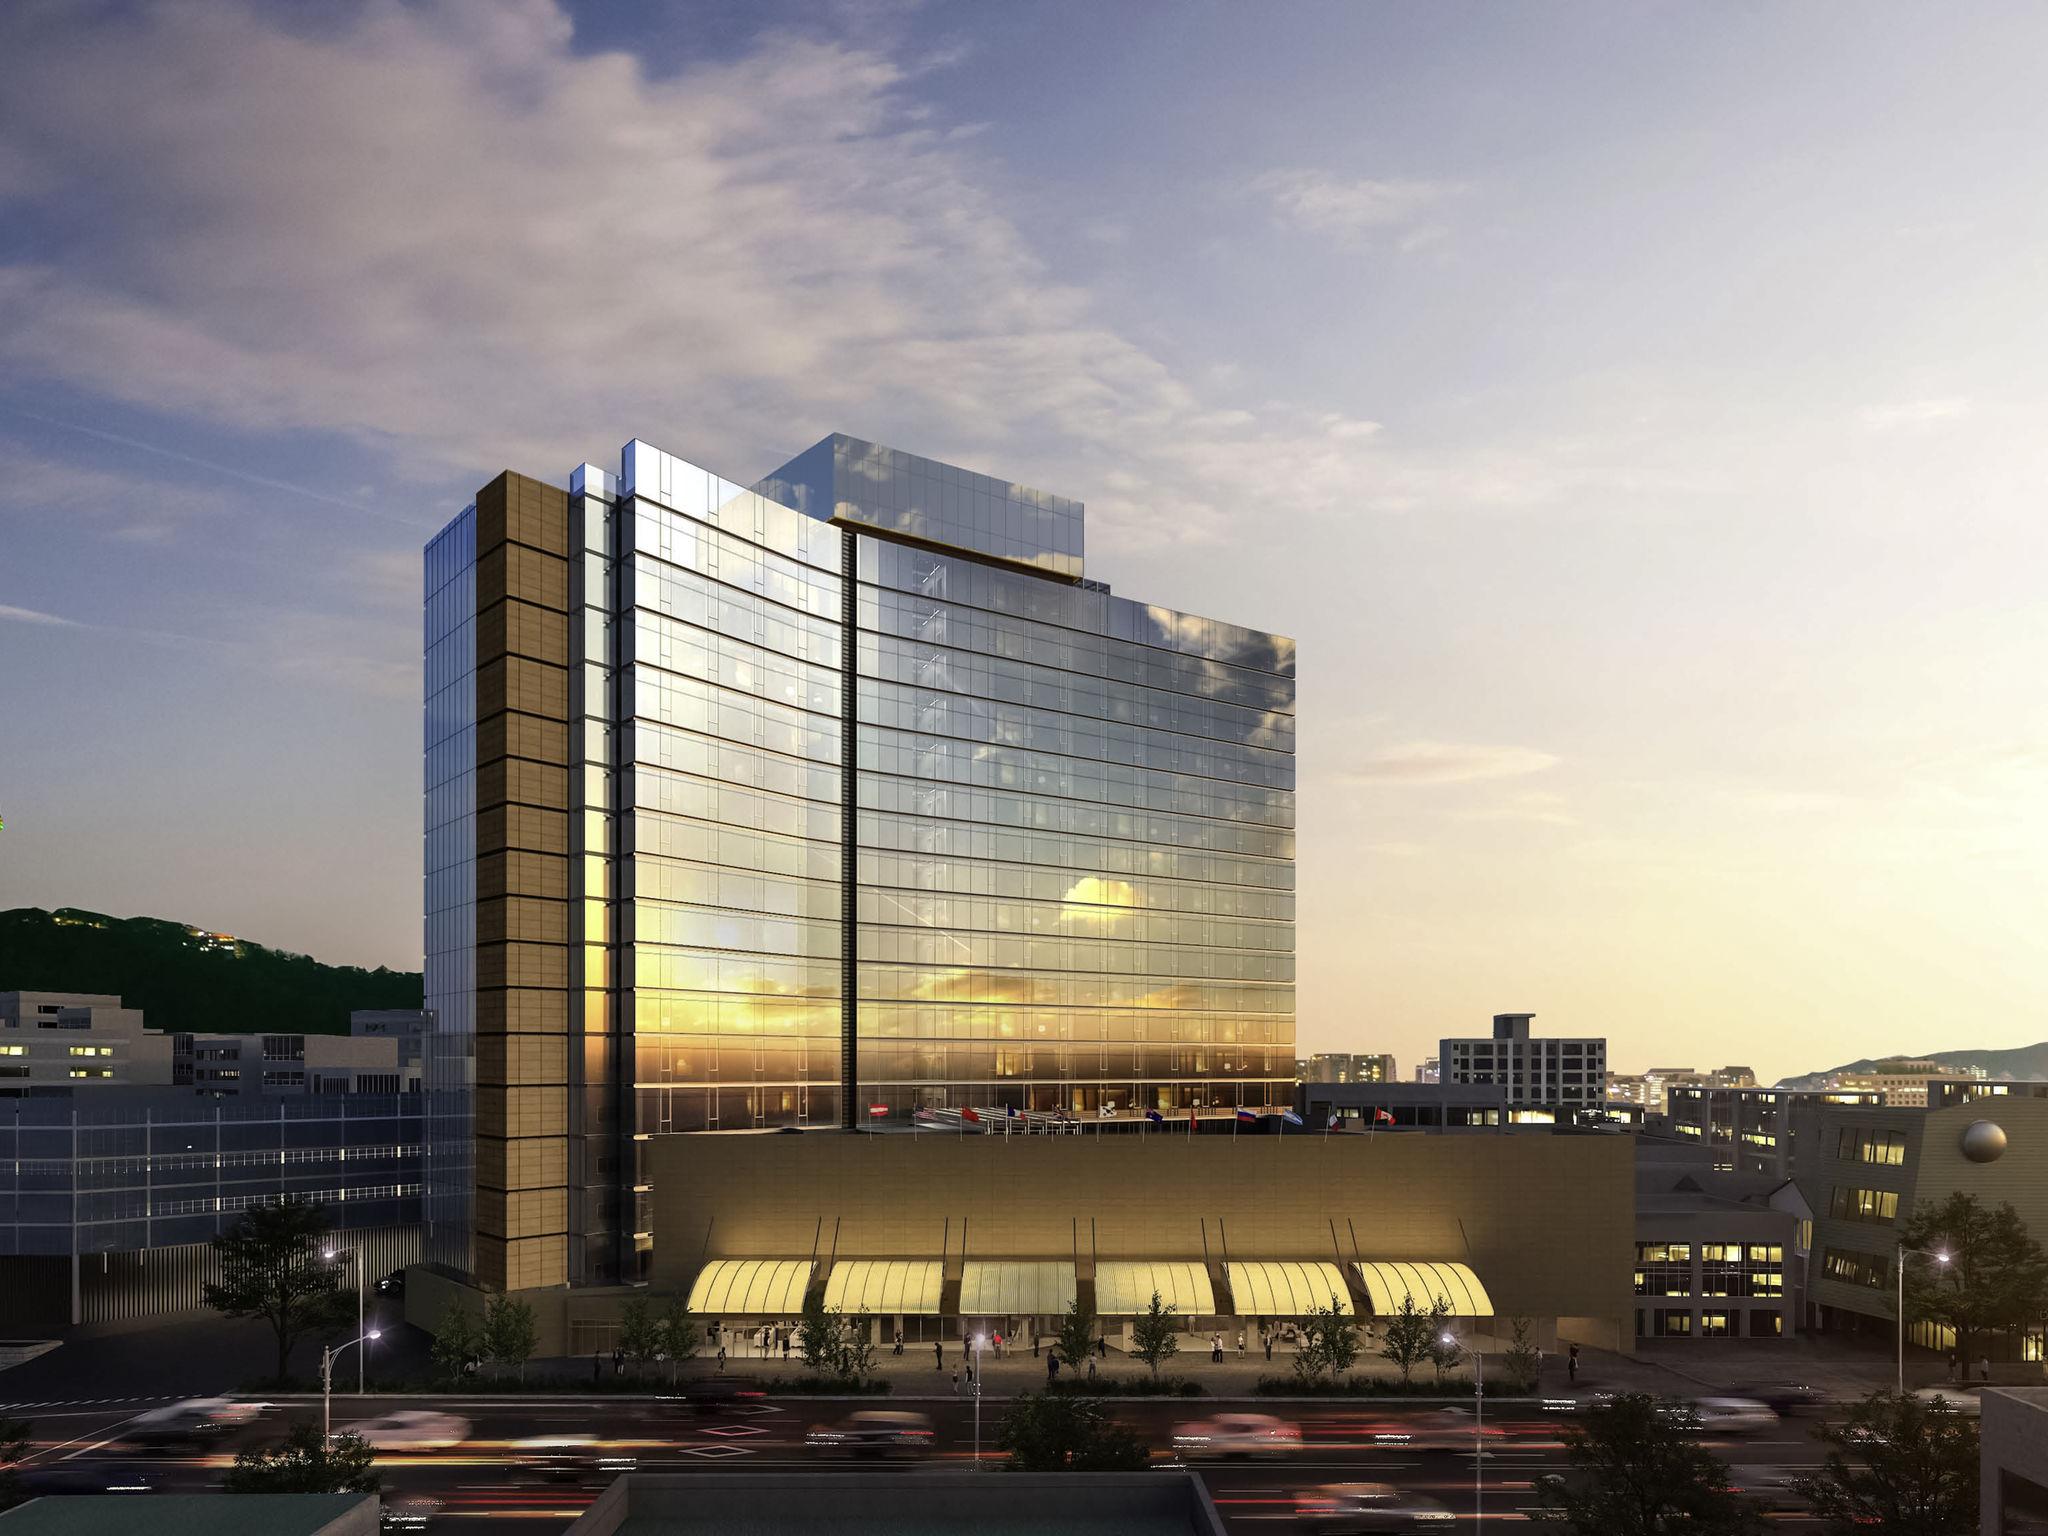 โรงแรม – แกรนด์ แอมบาสเดอร์ โซล แอสโซซิเอท พูลแมน